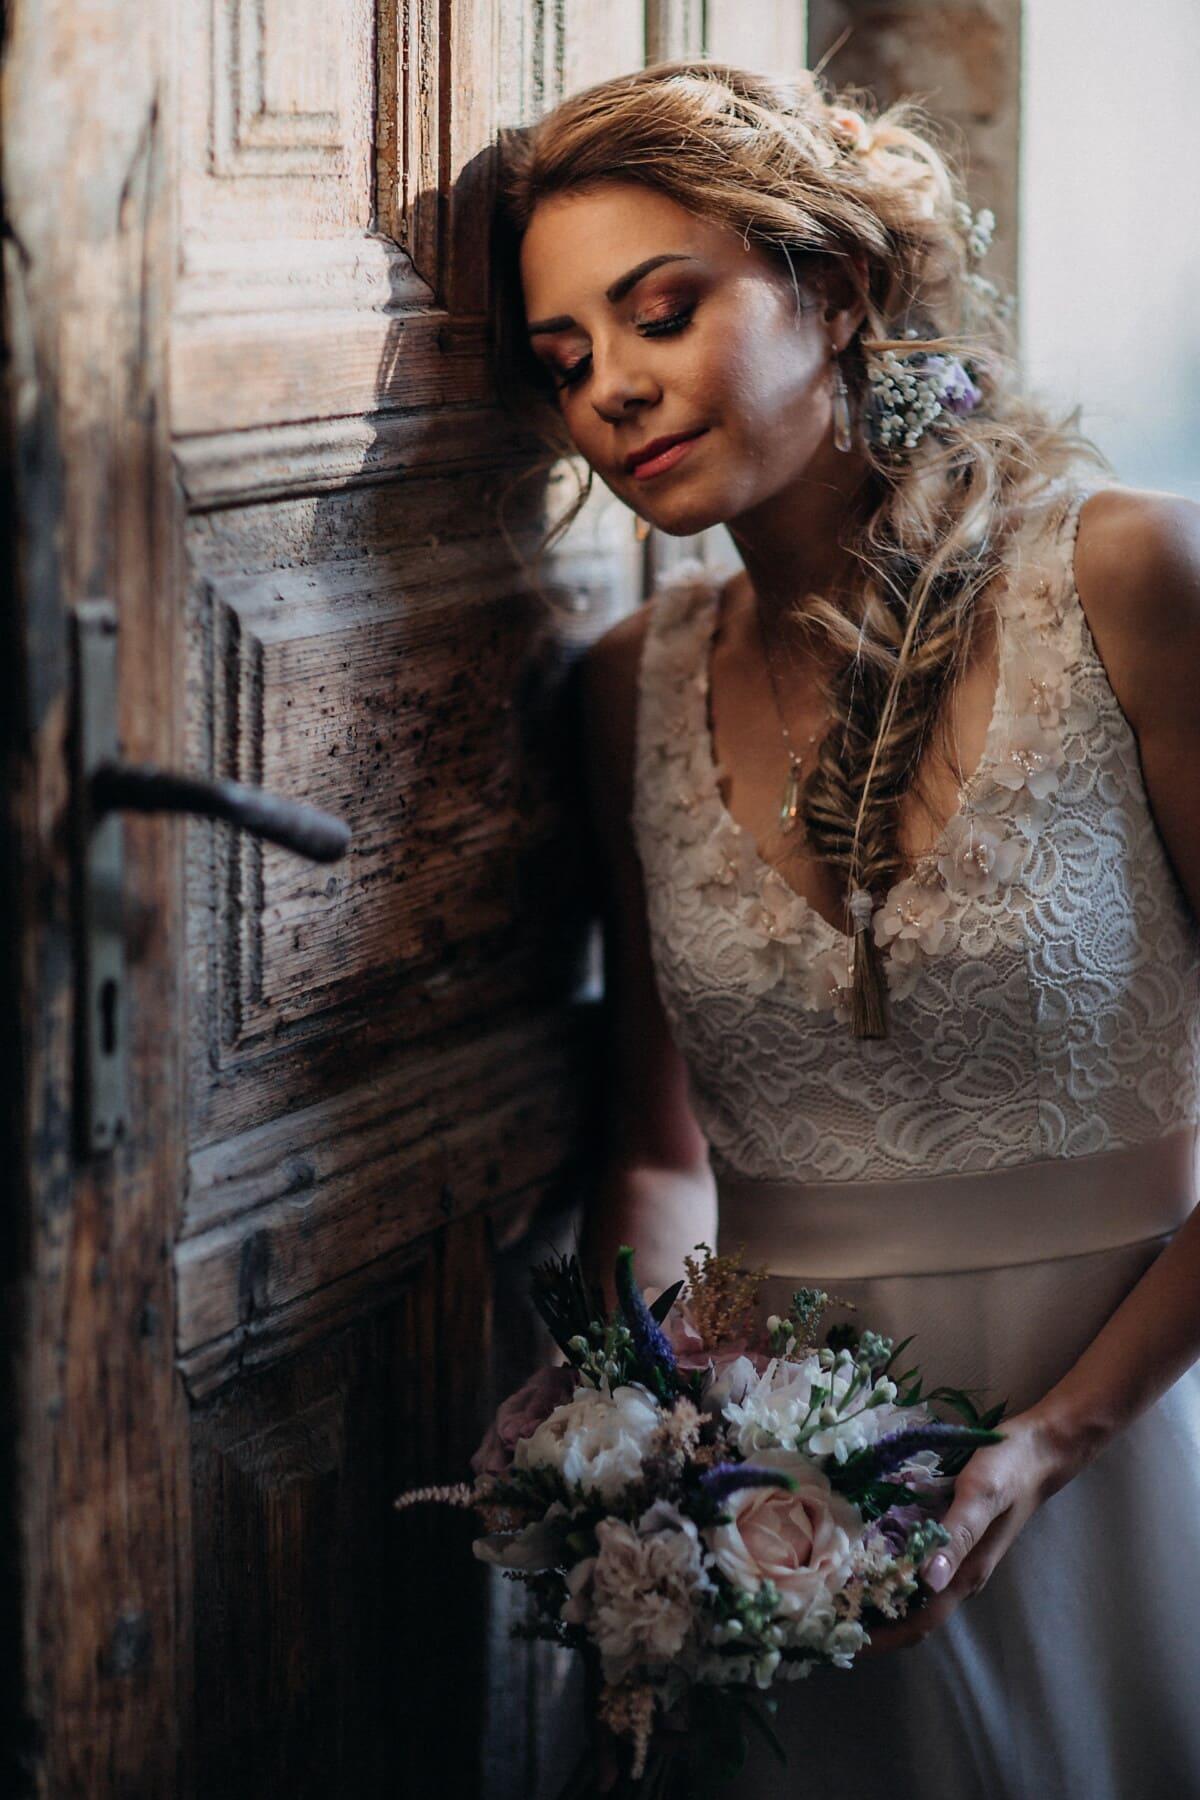 nymphe, la mariée, magnifique, porte d'entrée, femme, attrayant, mode, portrait, joli, modèle